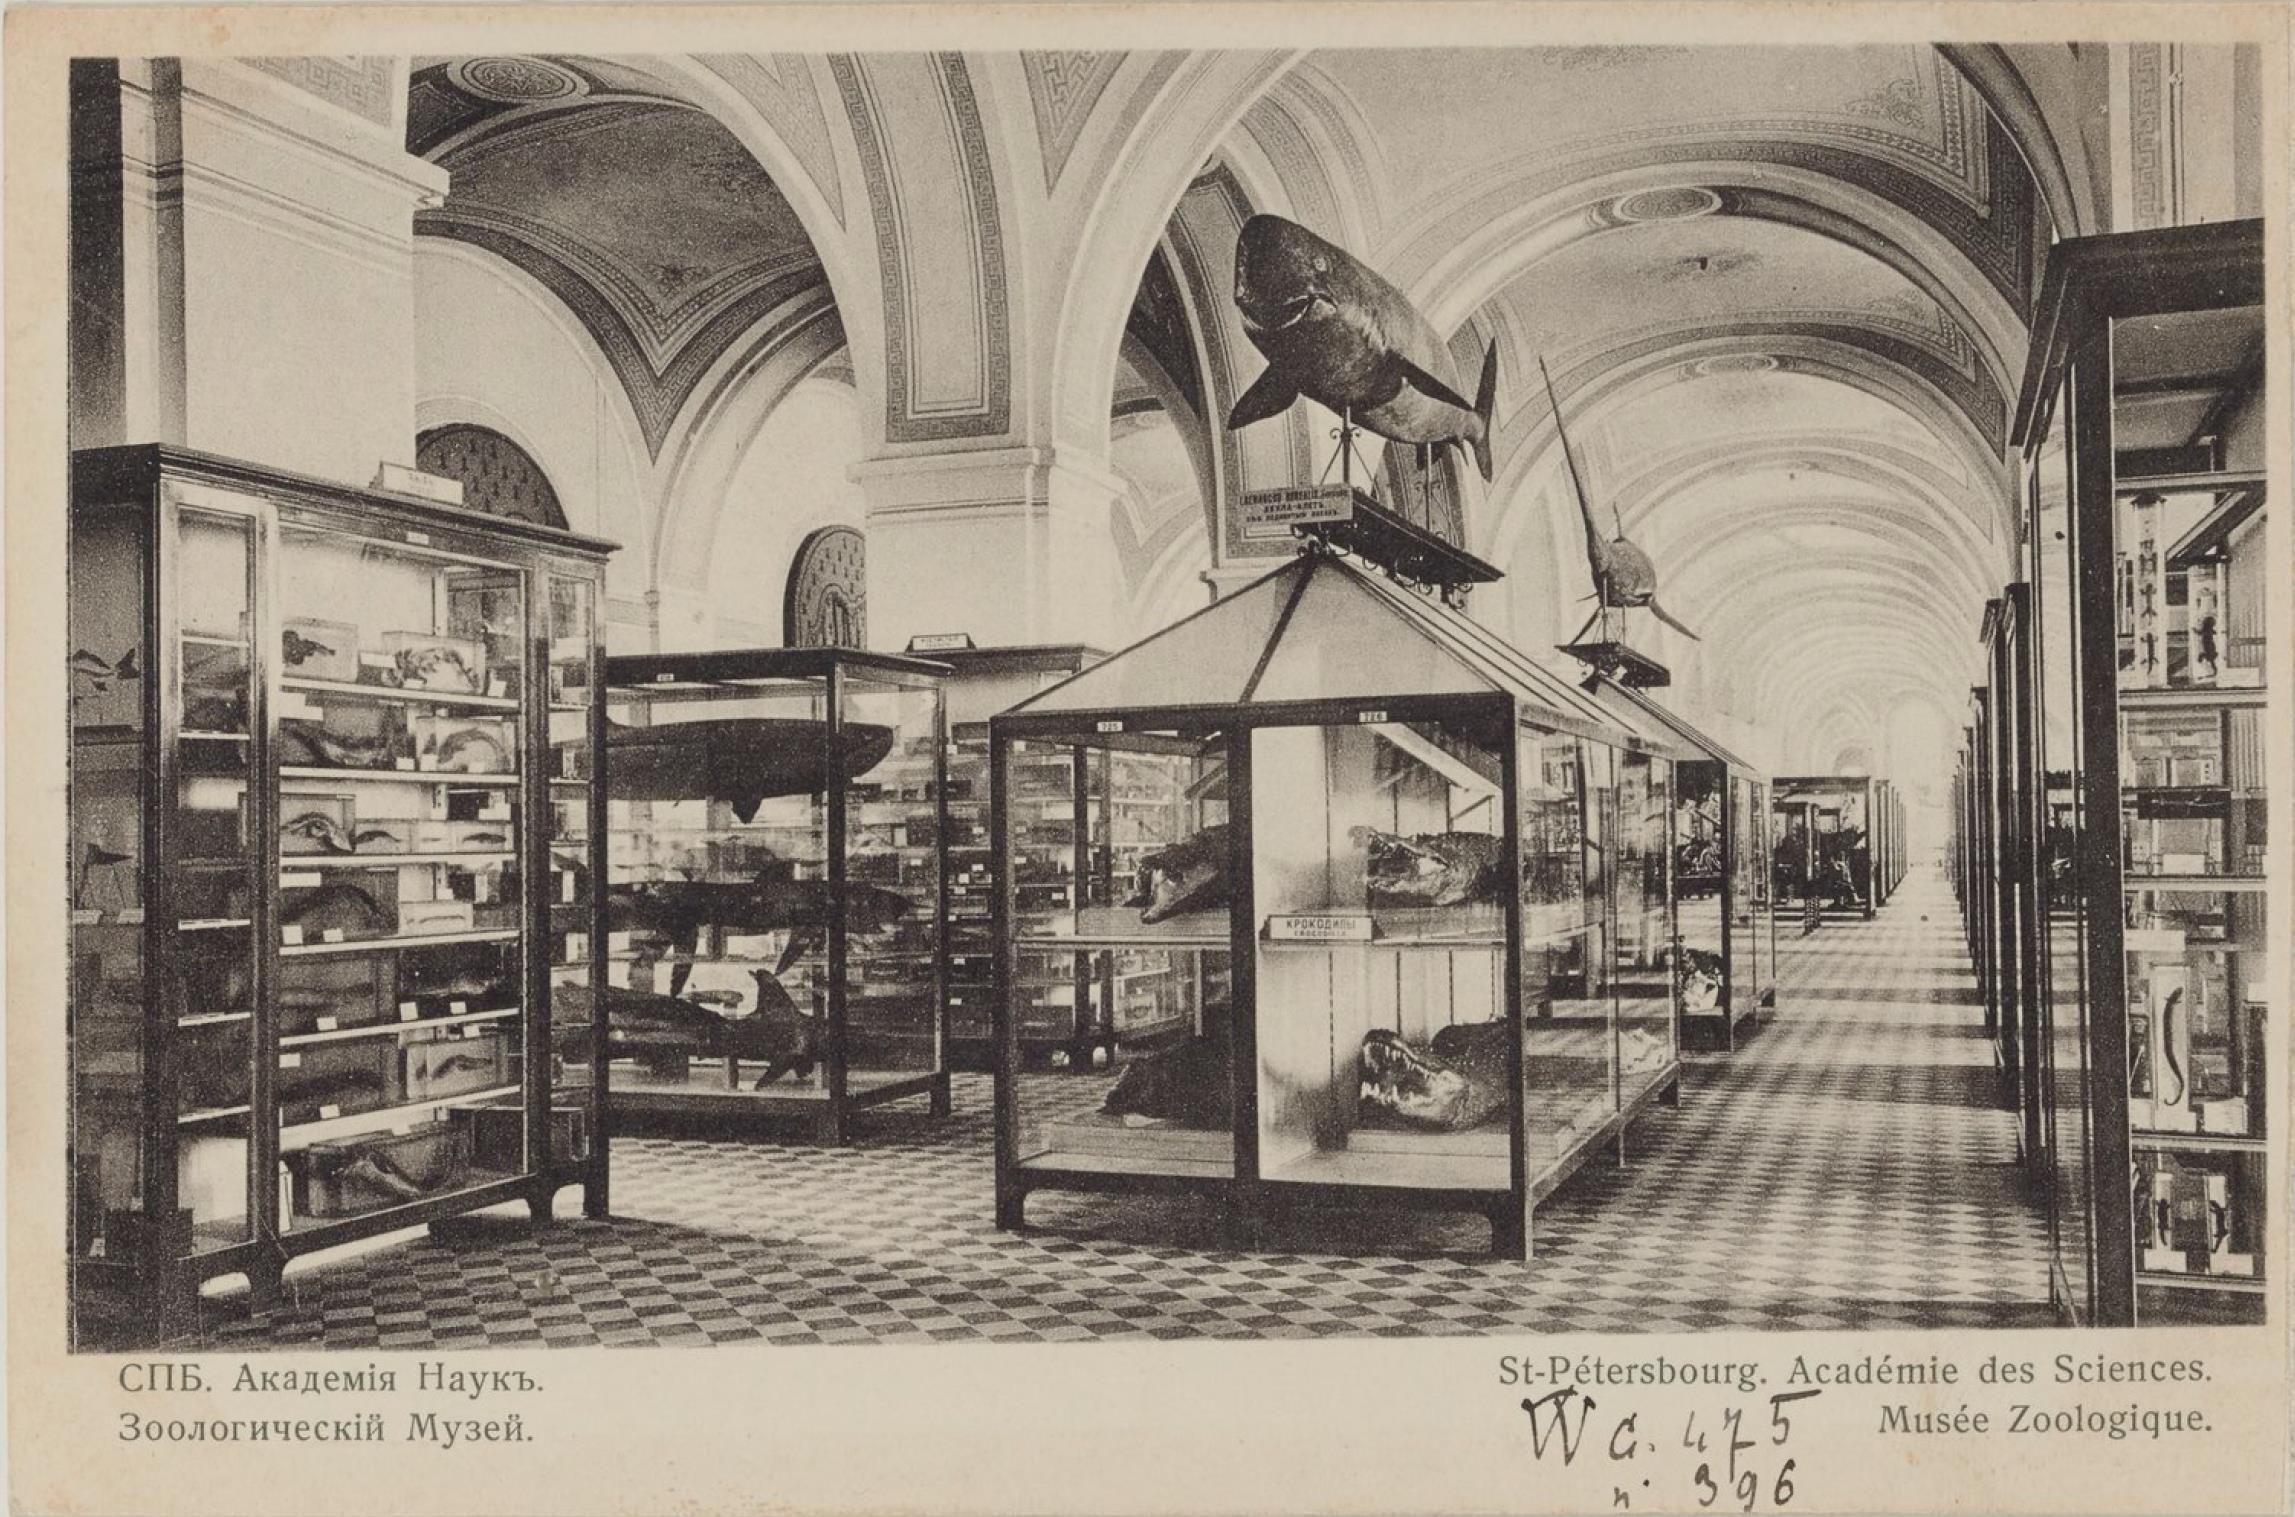 Академия Наук. Зоологический музей